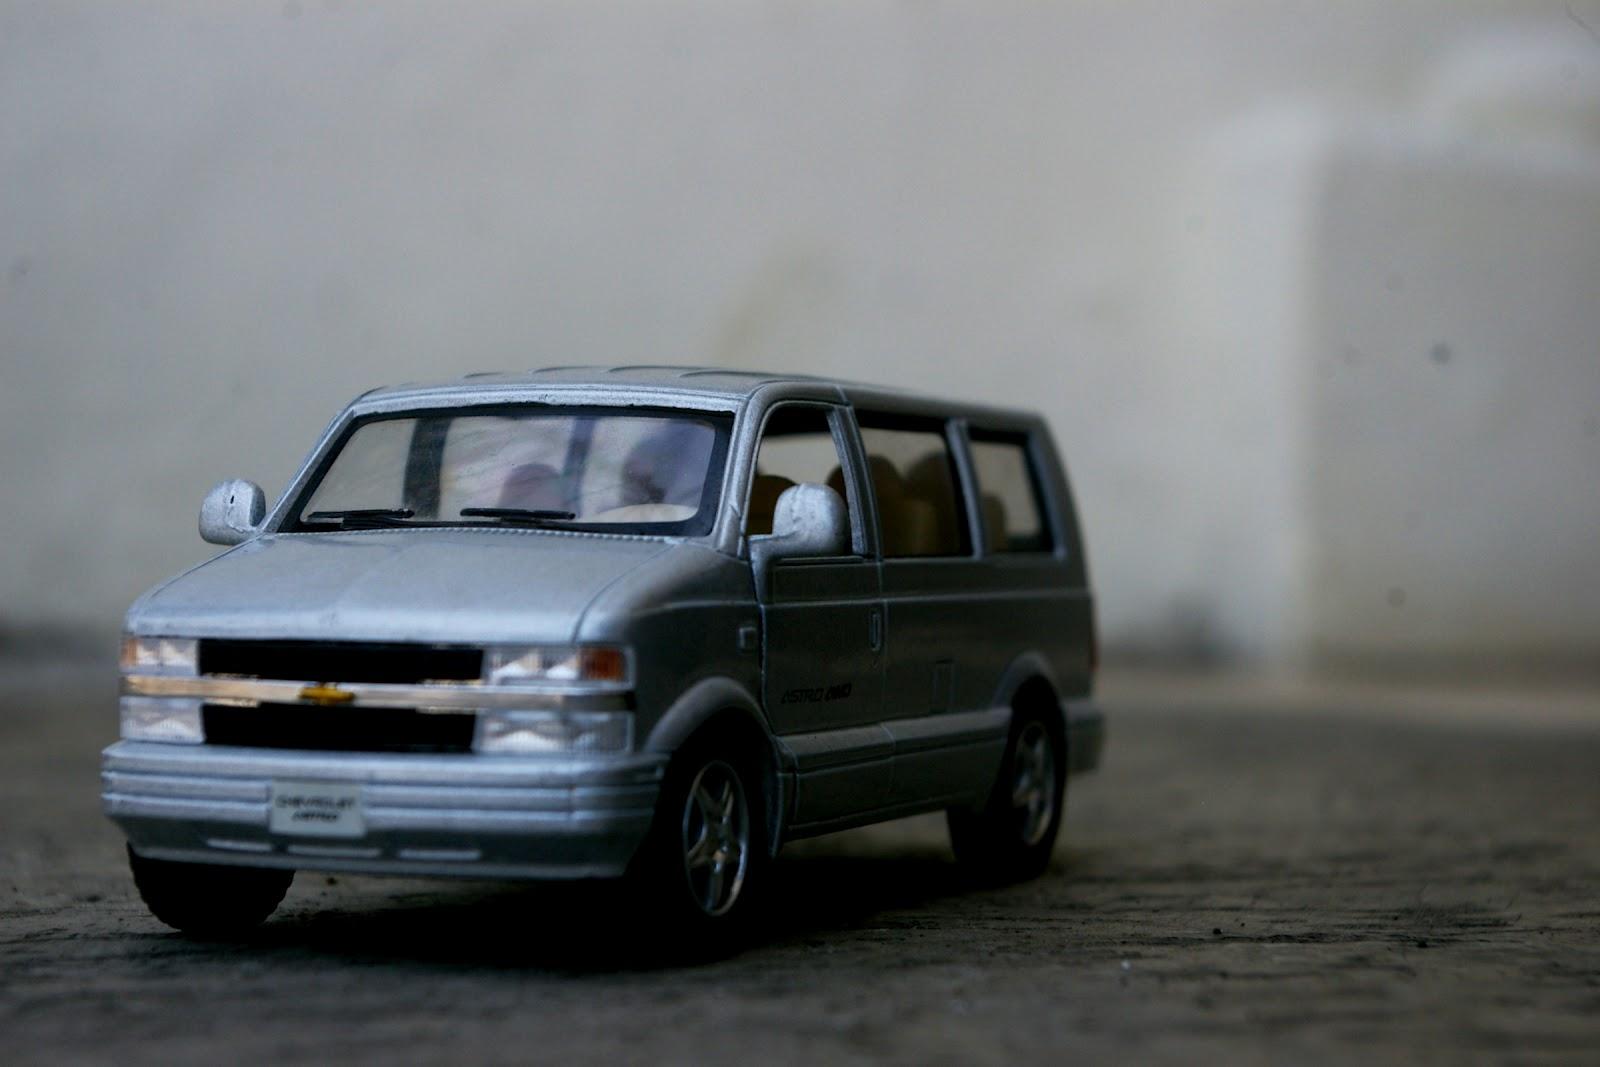 1 38 kinsmart 2001 chevrolet astro van [ 1600 x 1067 Pixel ]